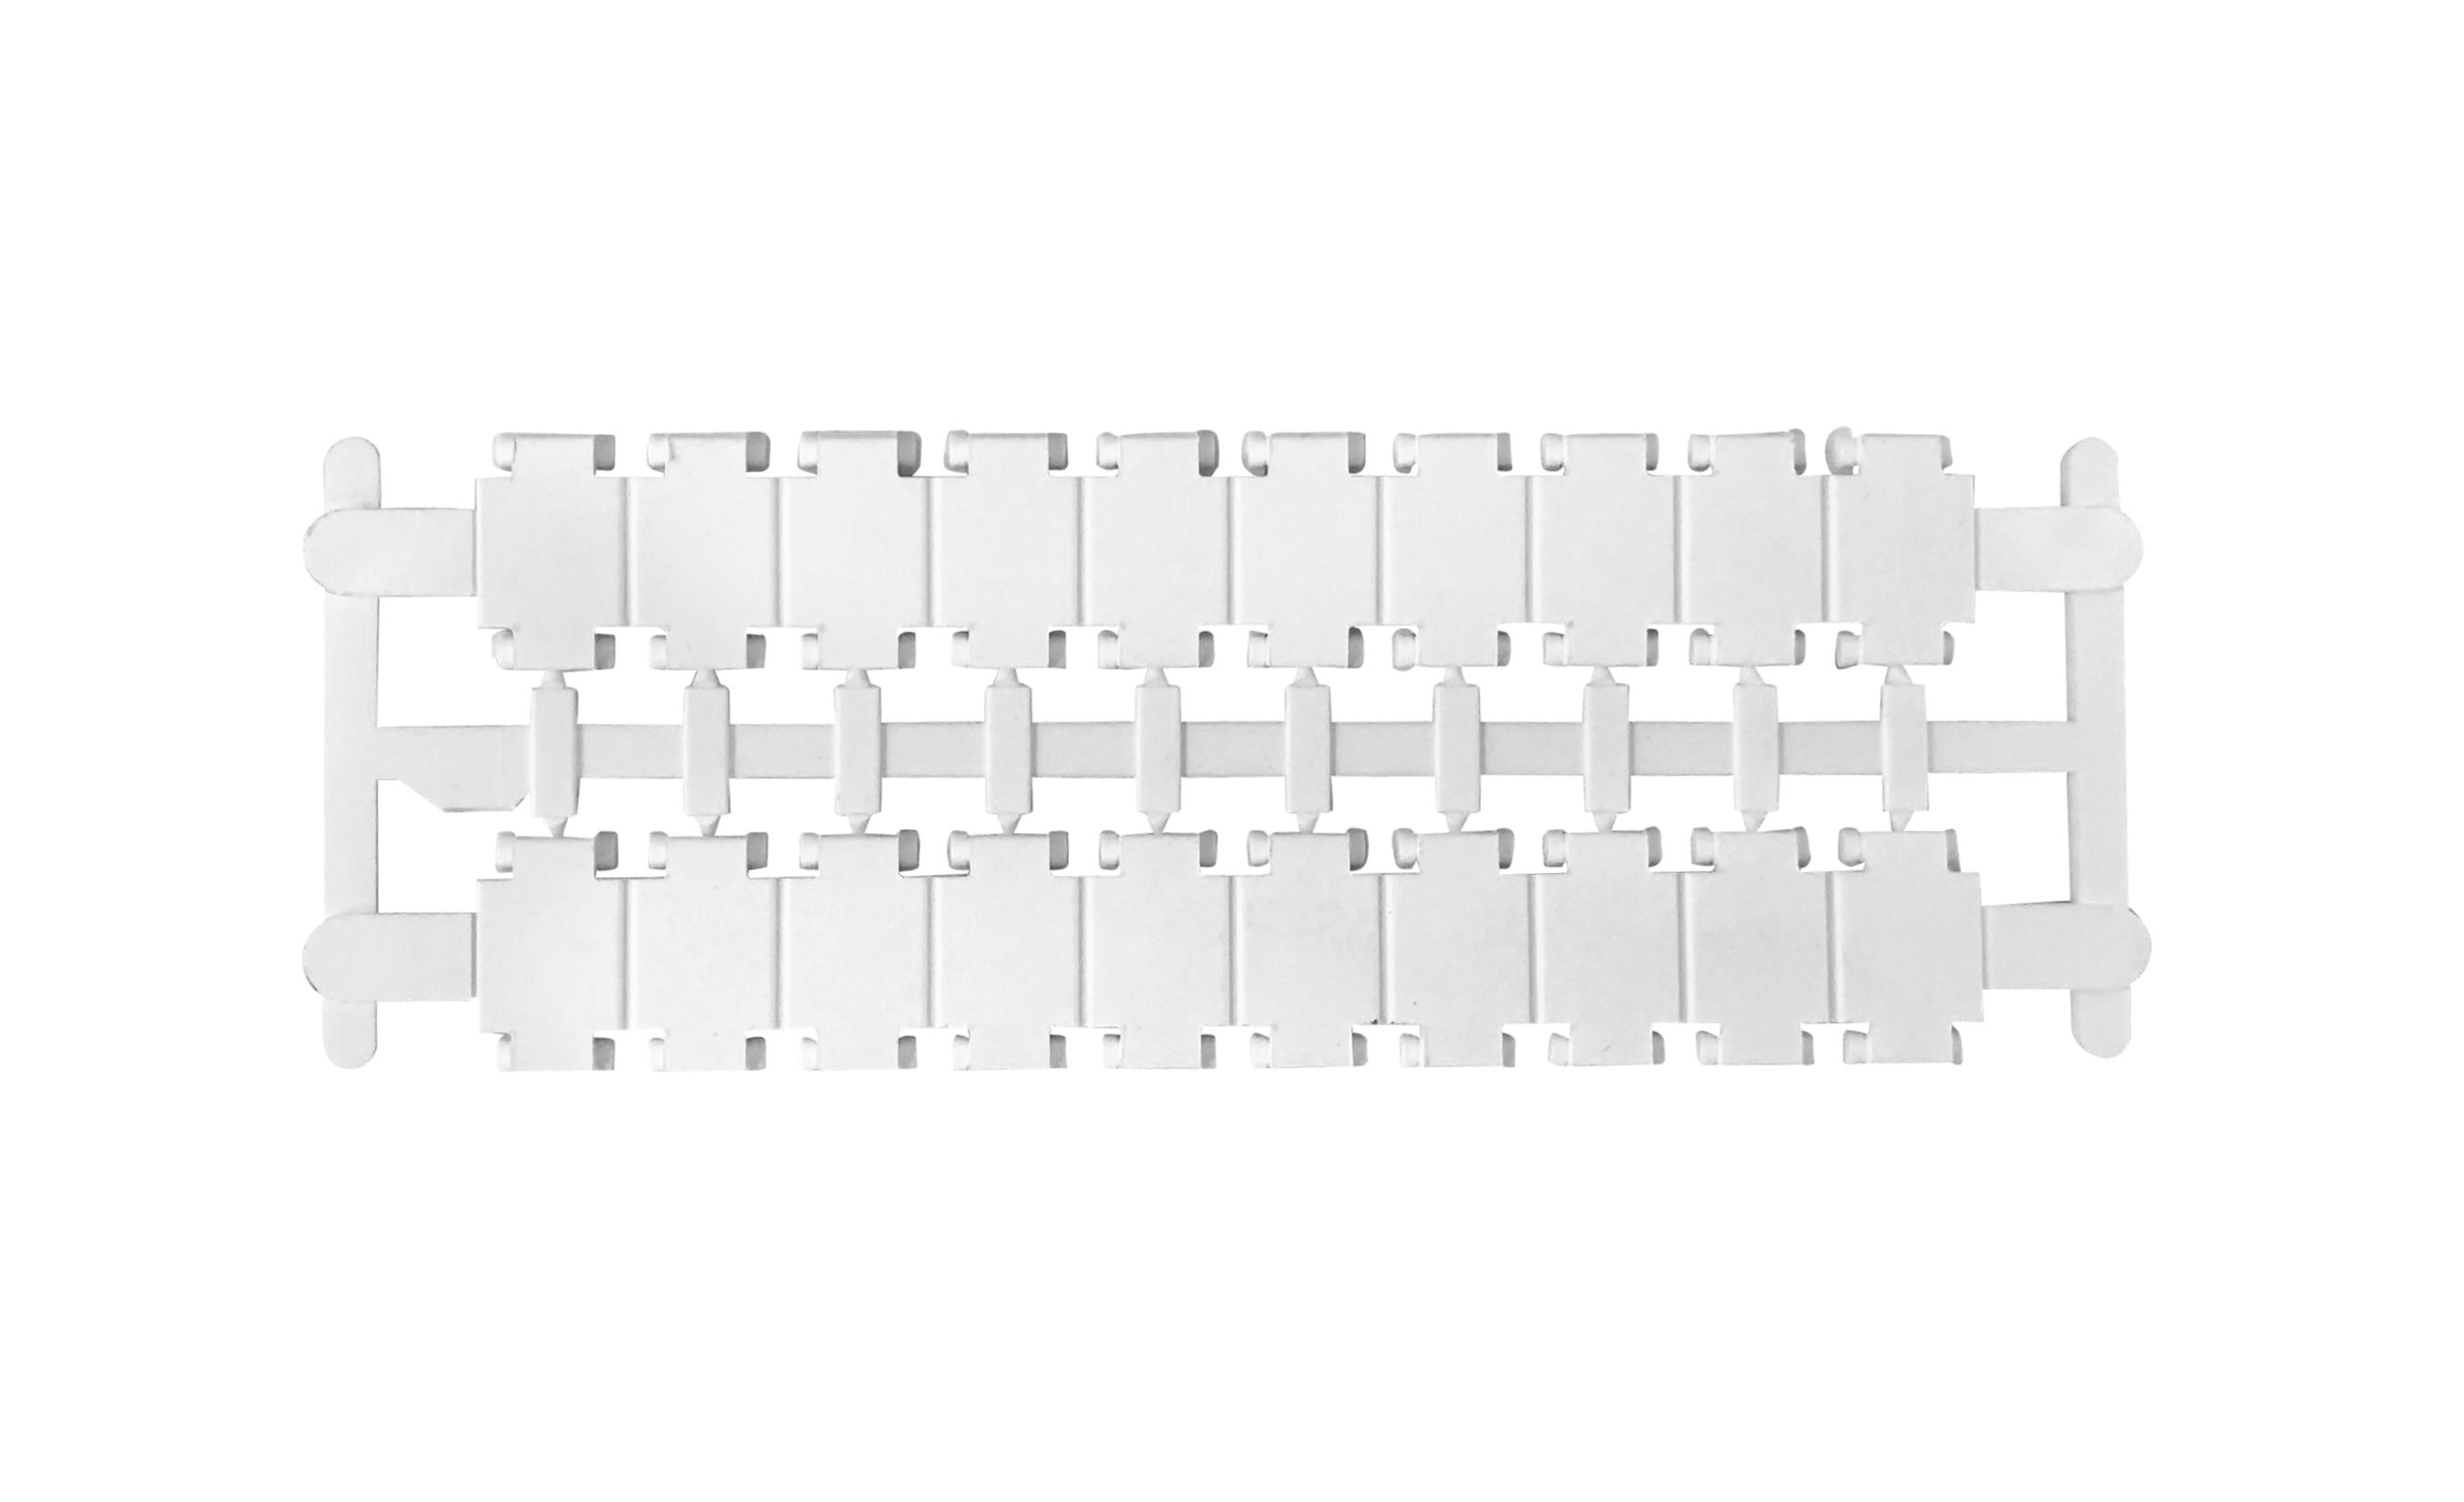 1 Stk Nummerierungsstreifen leer für HMM2 (10 Schilder) IK297200--